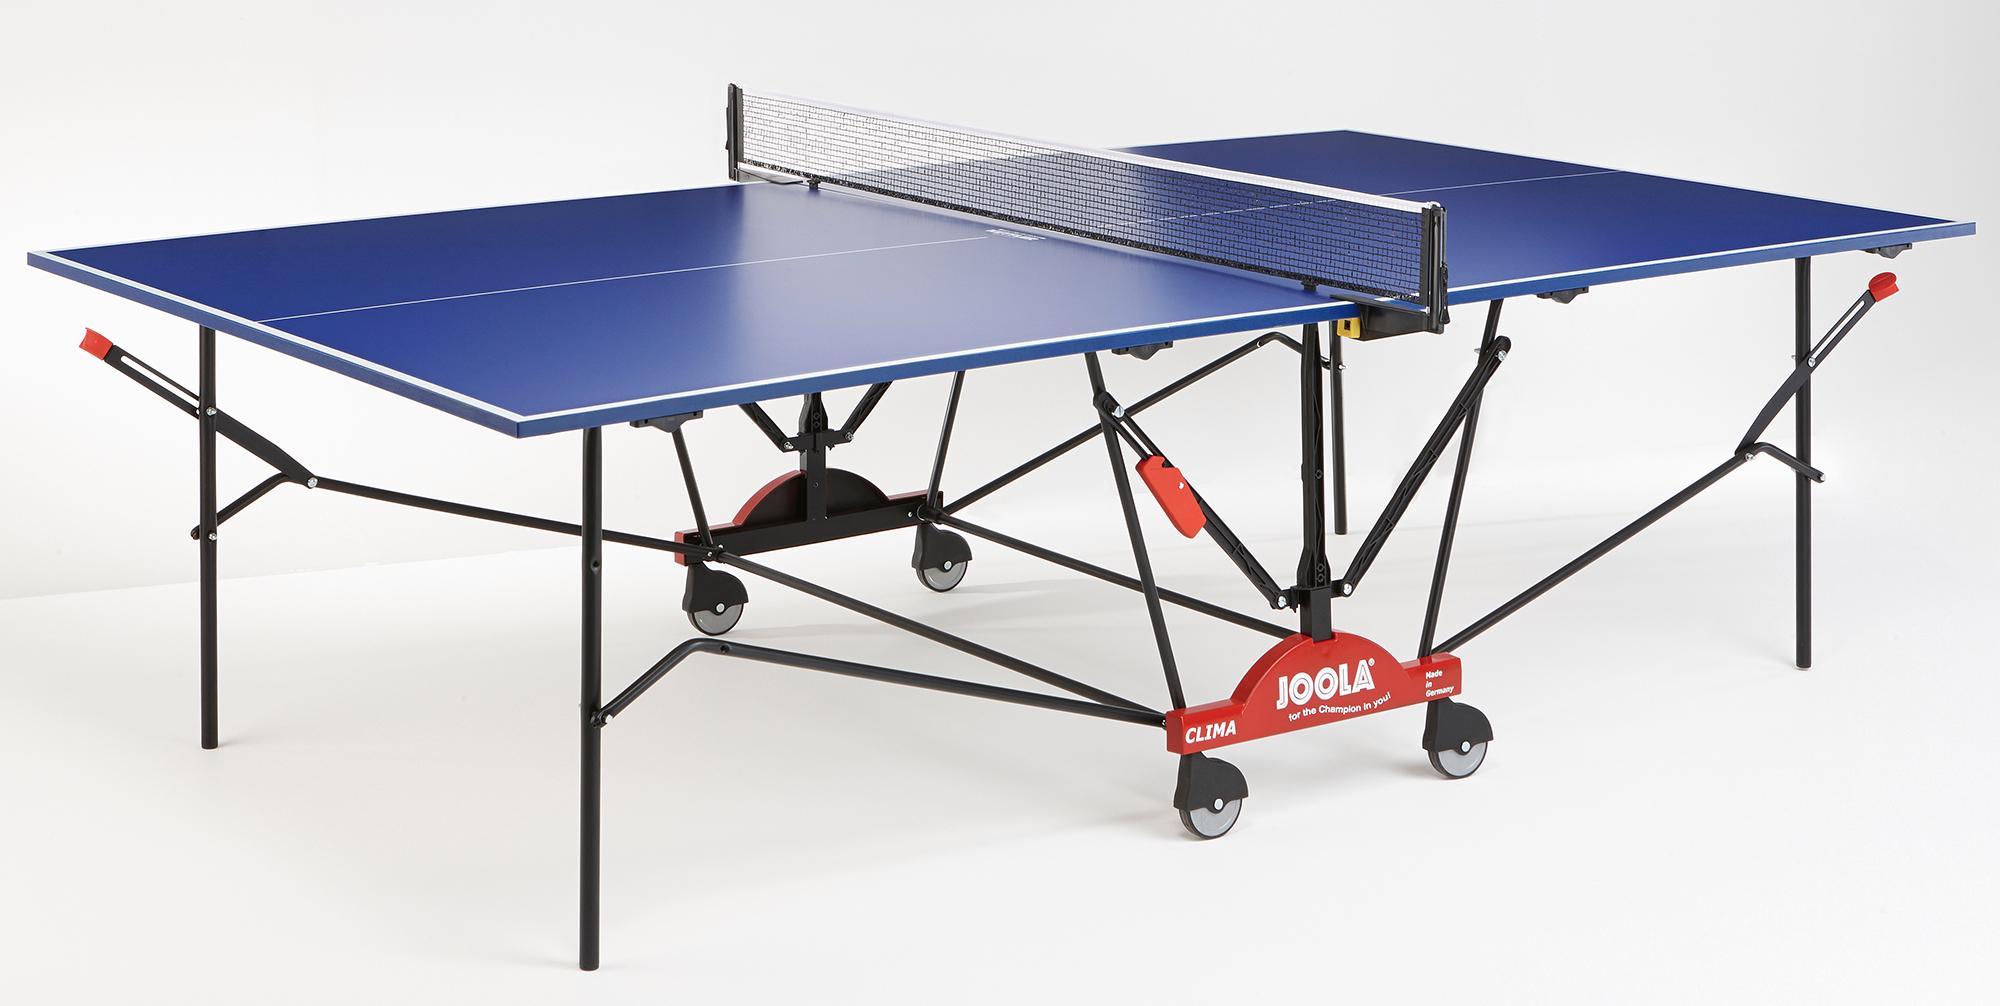 Joola Tischtennisplatte Clima Technik & Freizeit/Sport & Freizeit/Sportarten/Tischtennis/Tischtennis-Ausrüstung